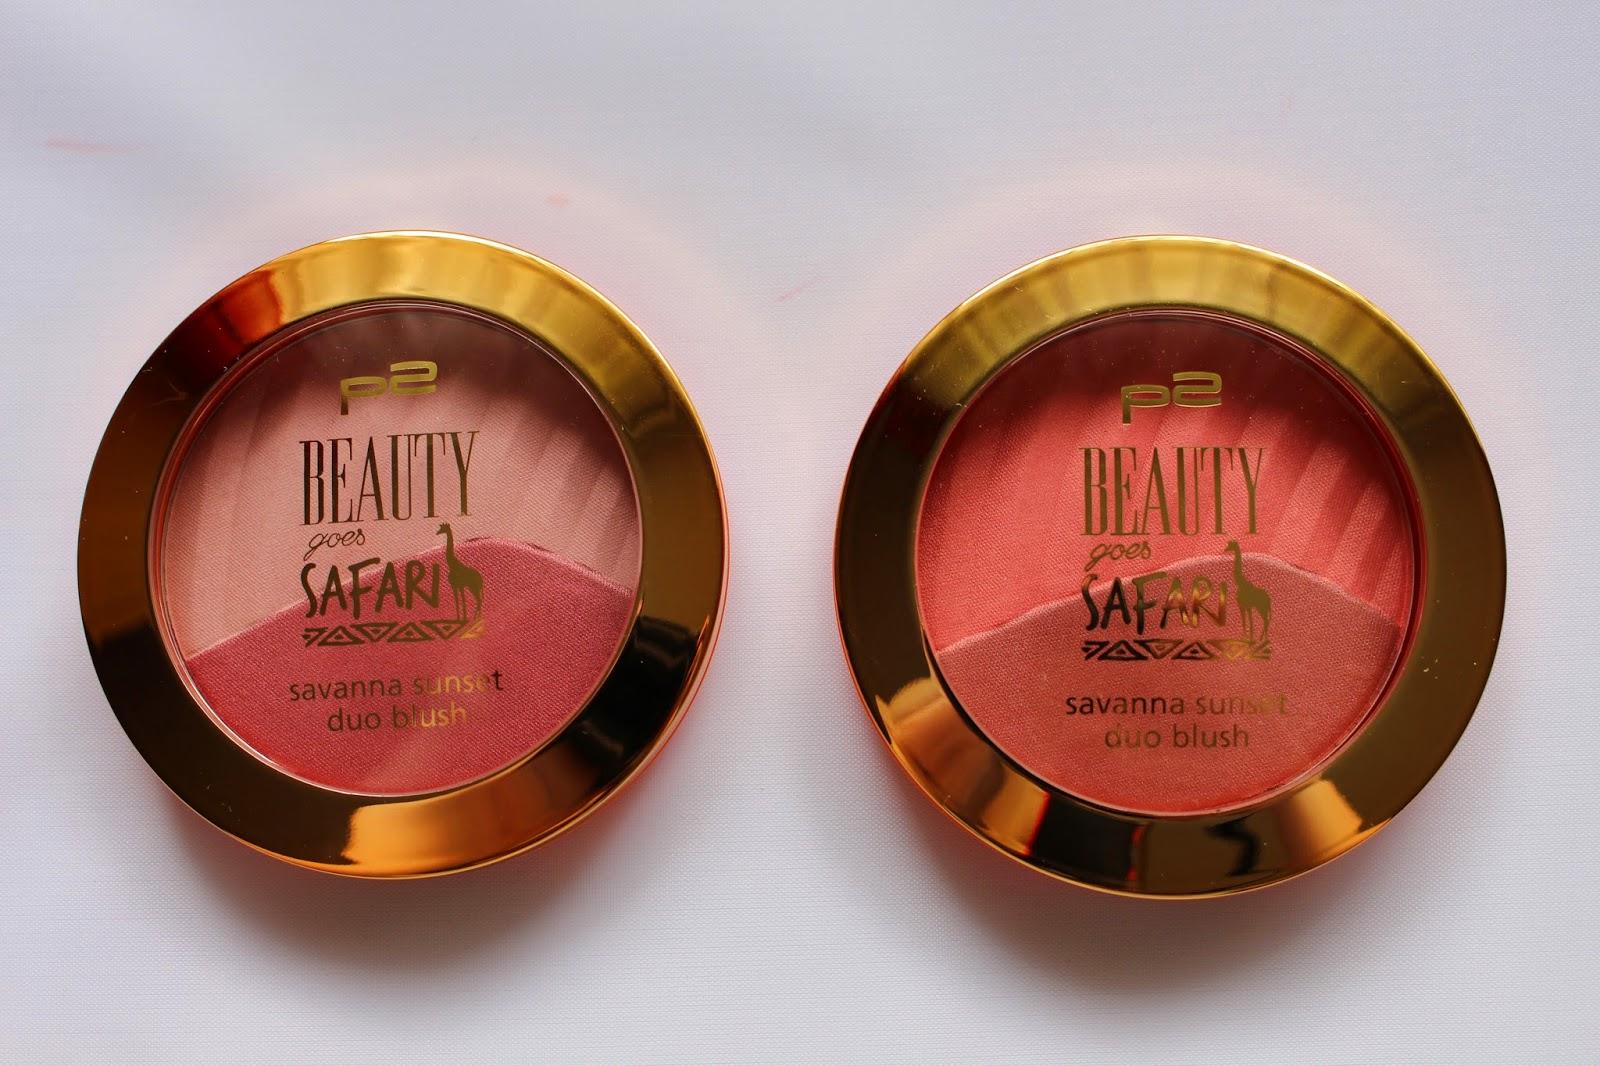 """P2 """"Beauty goes Safari"""" LE"""